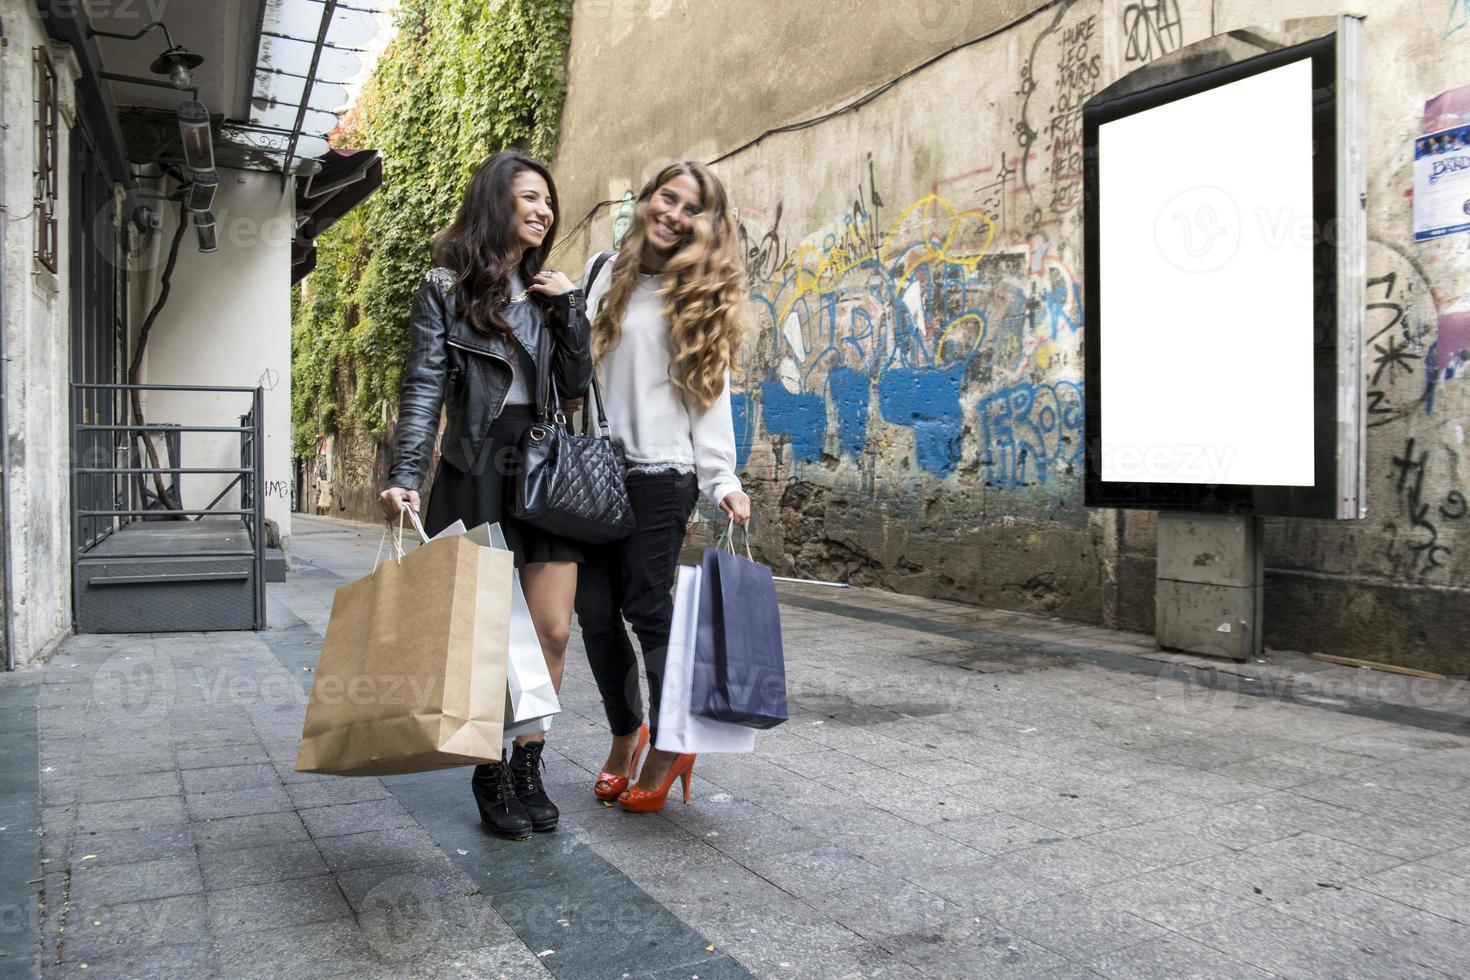 två tjejer pratar och går foto